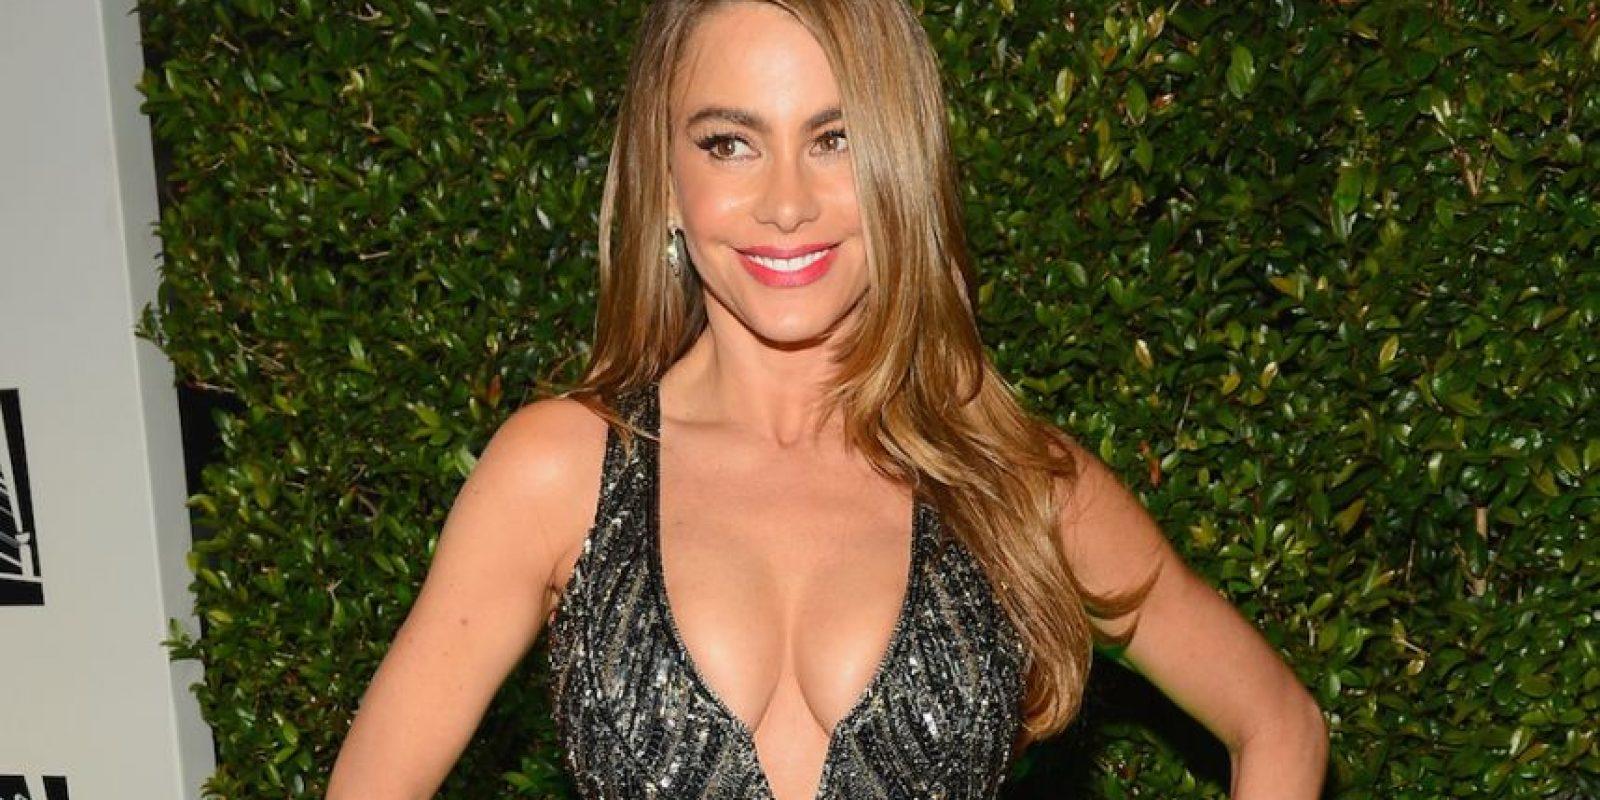 La actriz ganó 30 millones de dólares. Foto:Getty Images